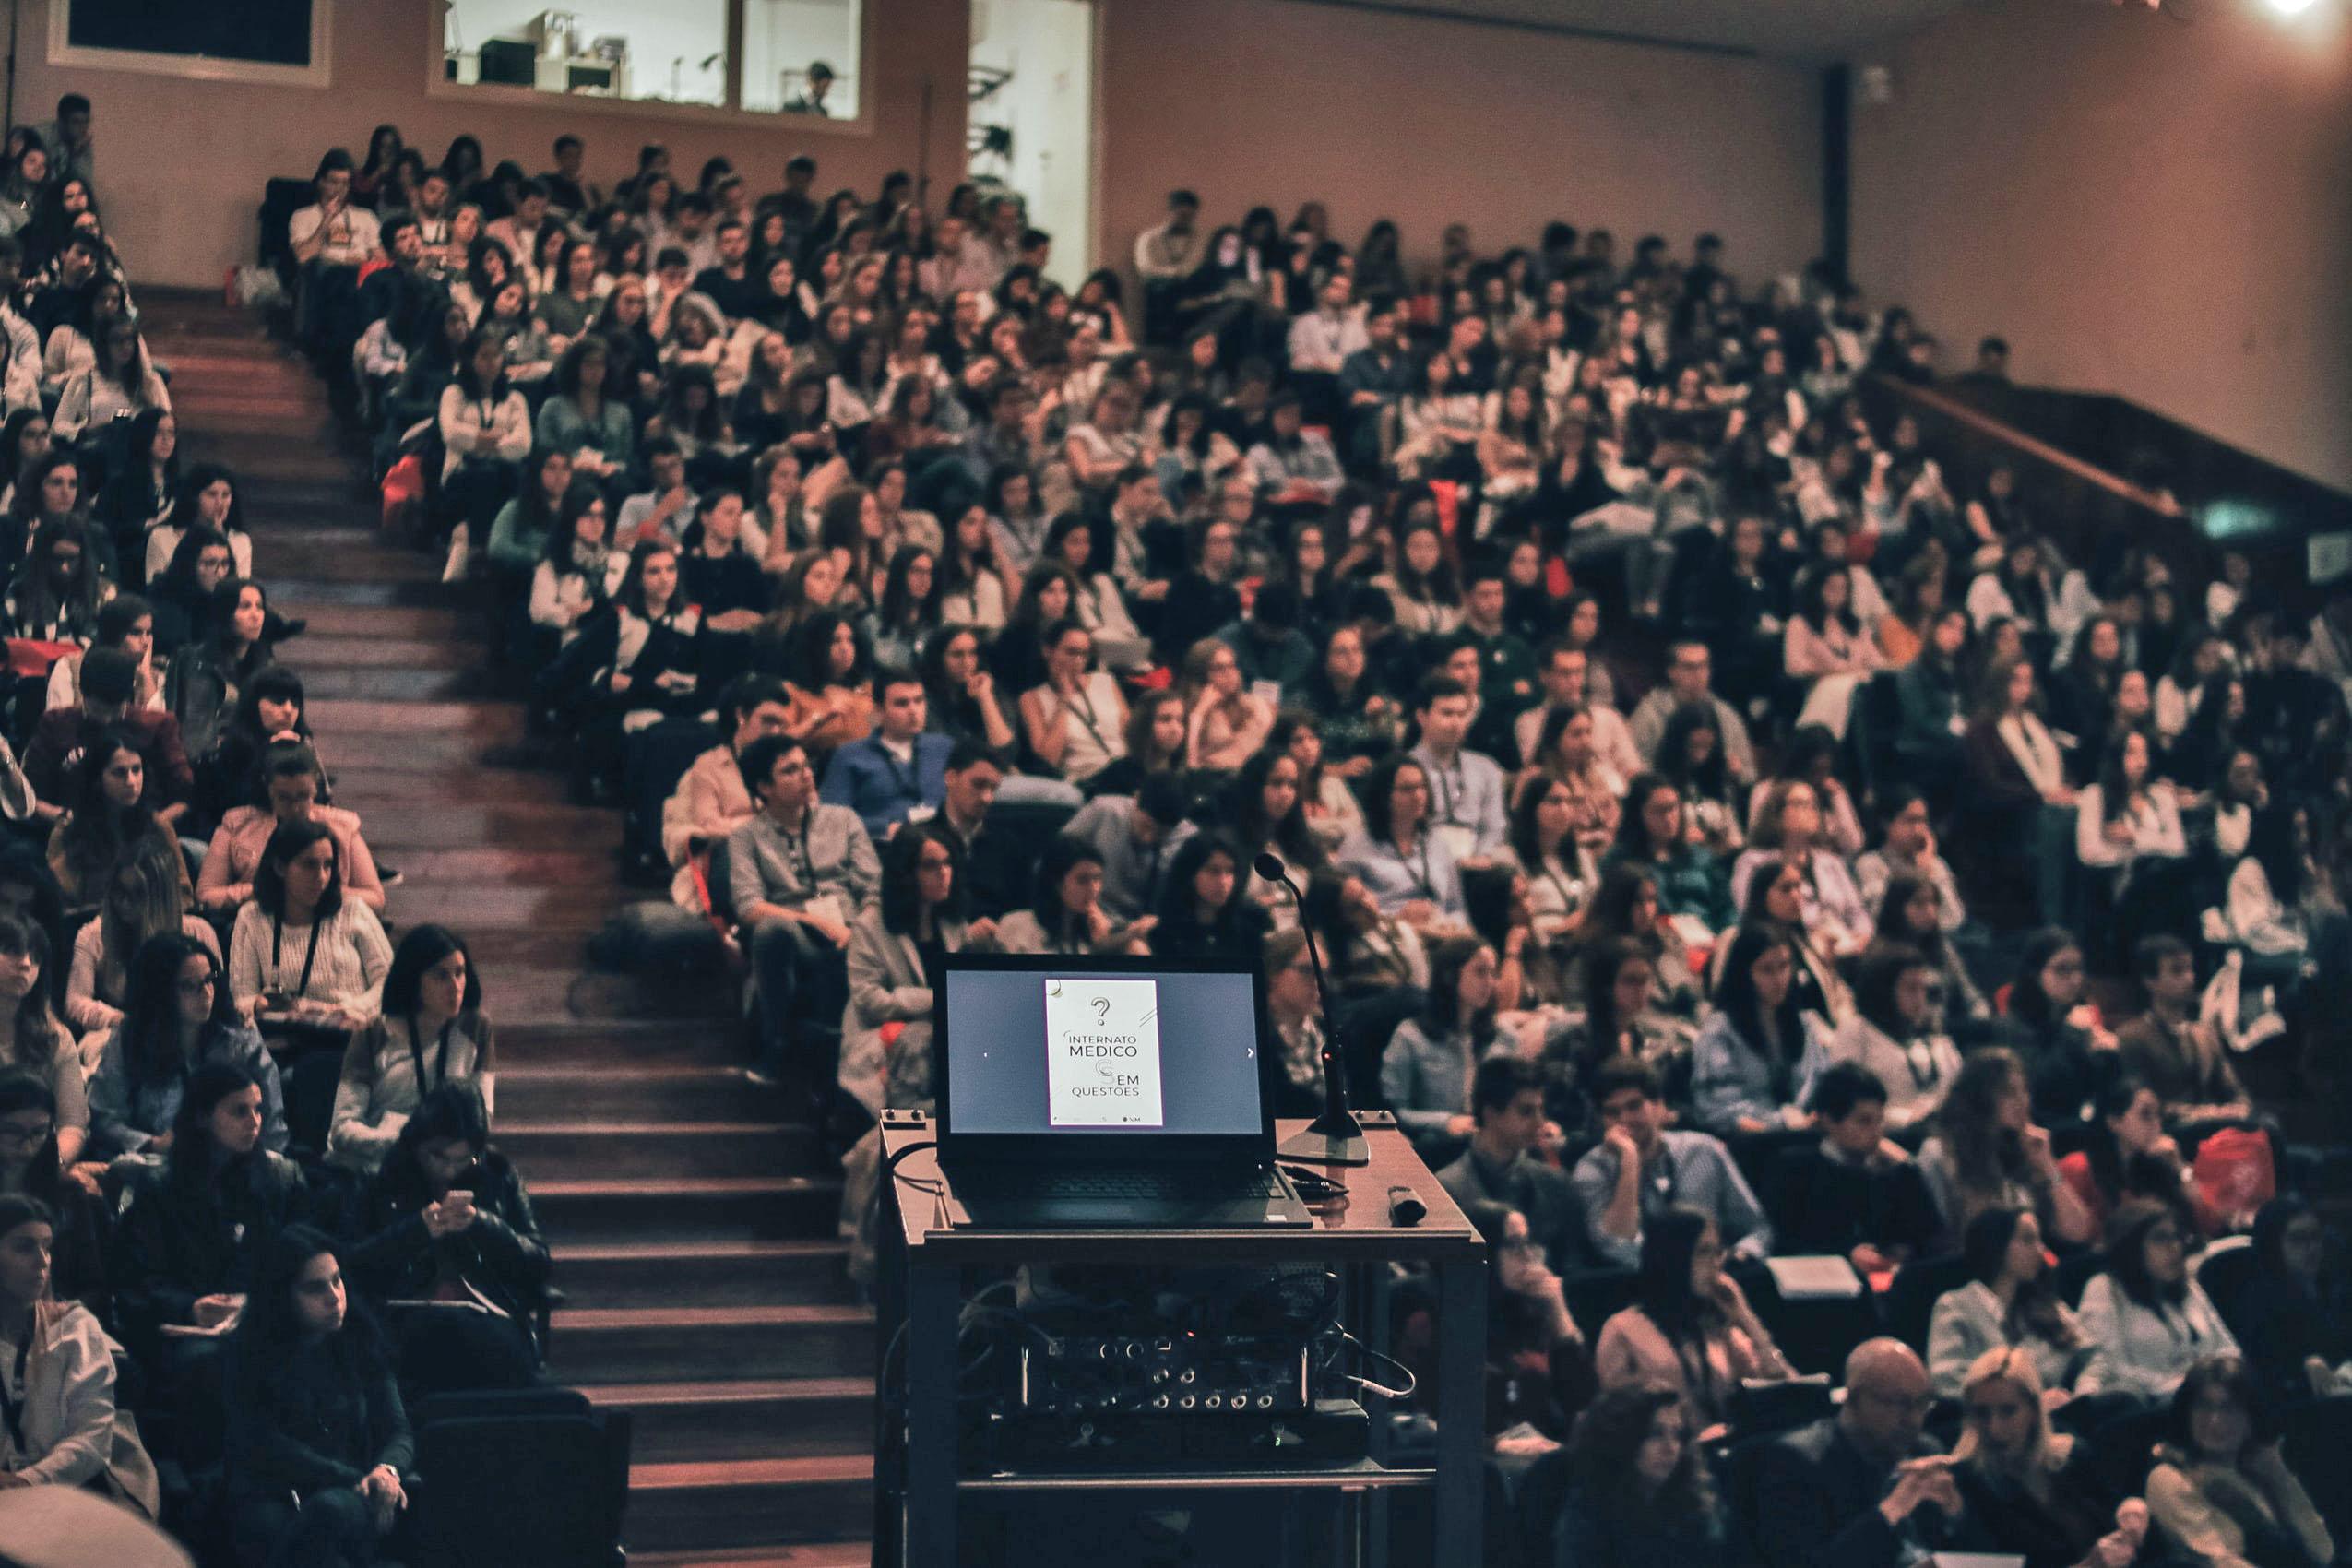 Ansicht eines Vorlesungssaals mit vielen Zuhörern